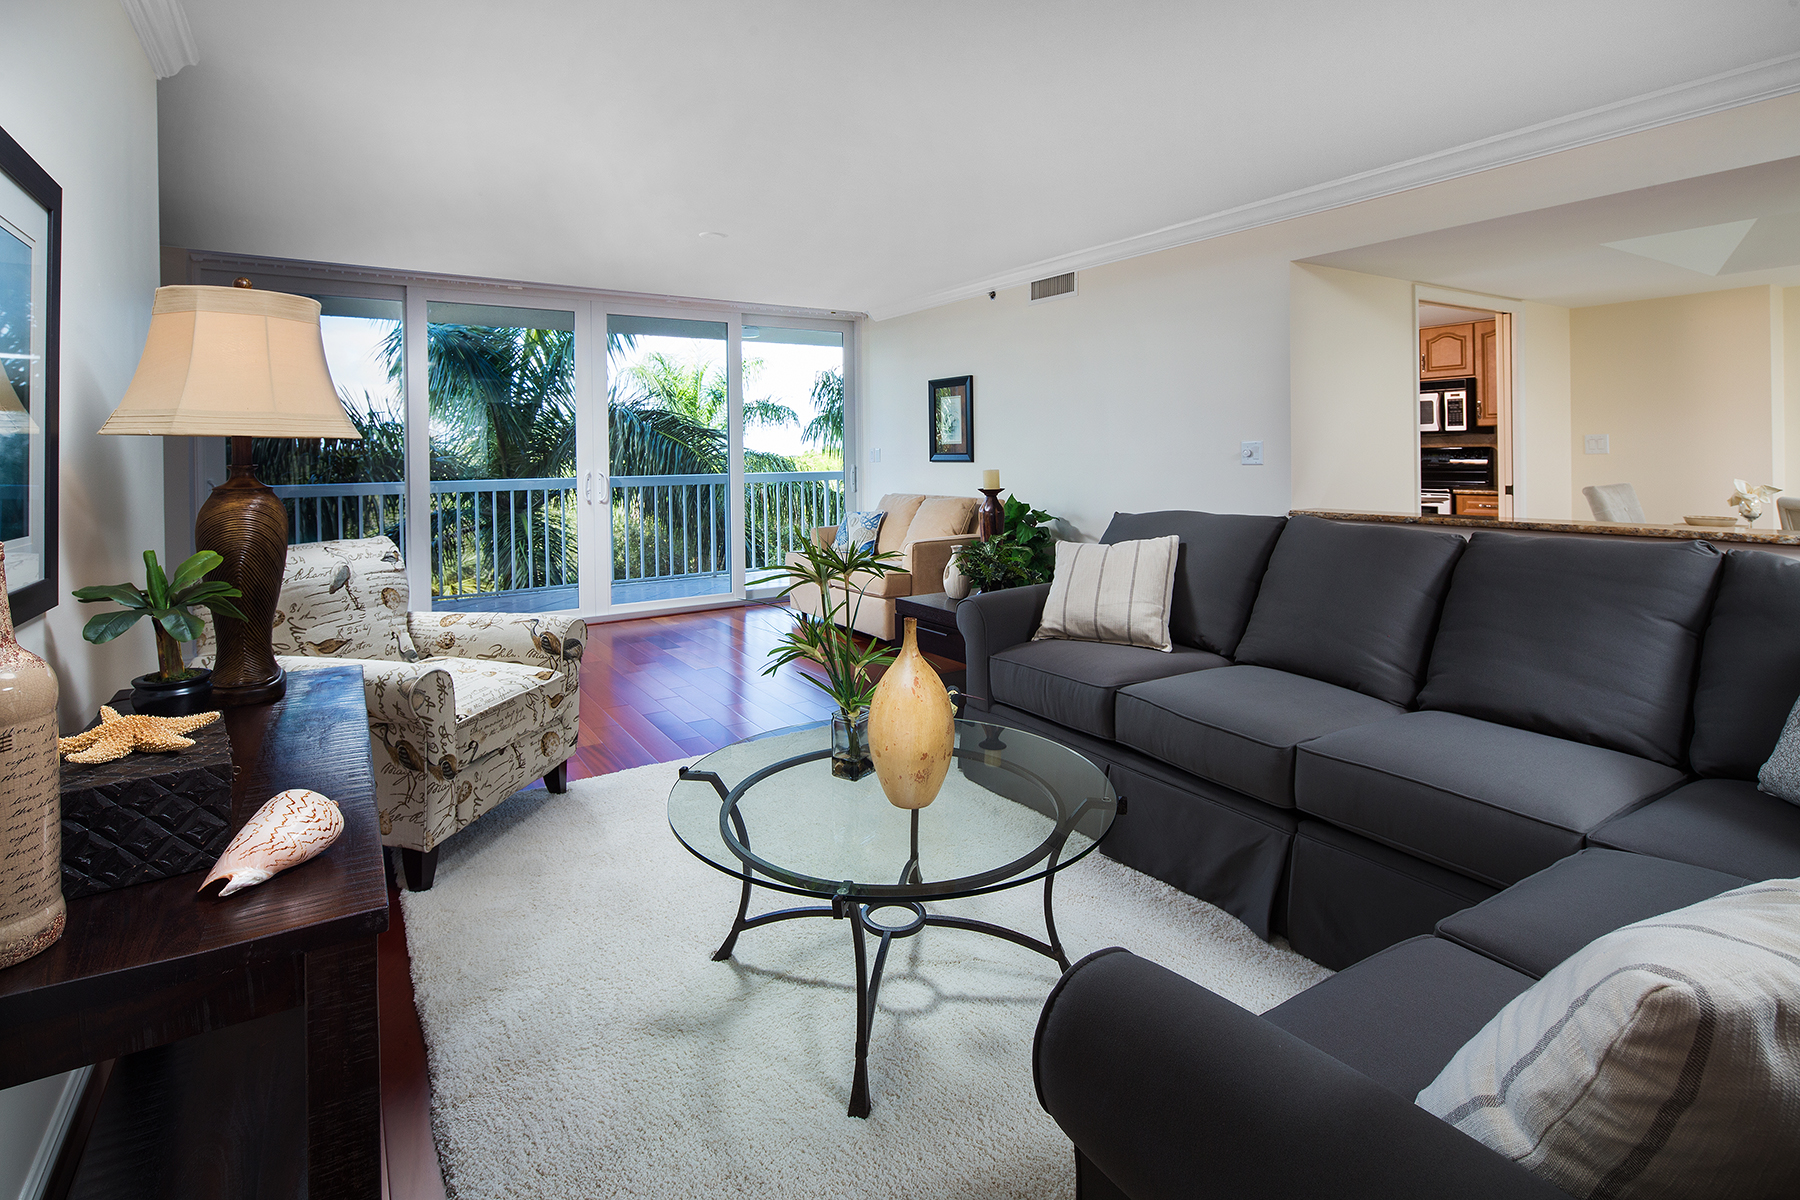 Nhà chung cư vì Bán tại PELICAN BAY - ST. KITTS 6585 Nicholas Blvd 301 Naples, Florida, 34108 Hoa Kỳ